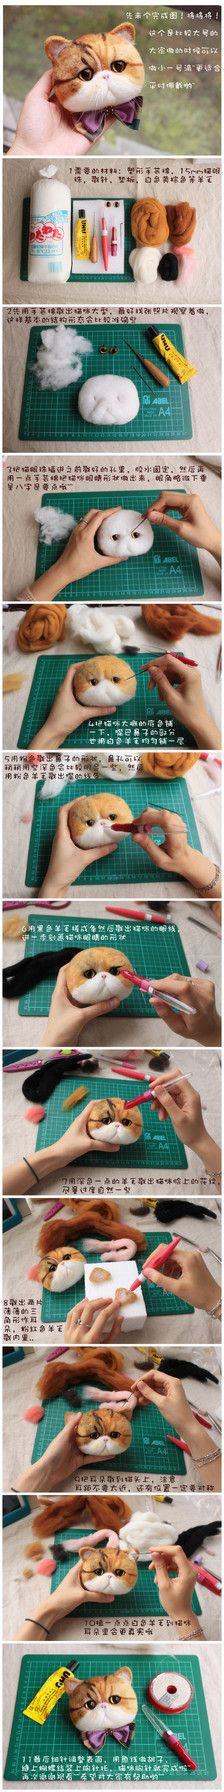 大脸猫眯教程